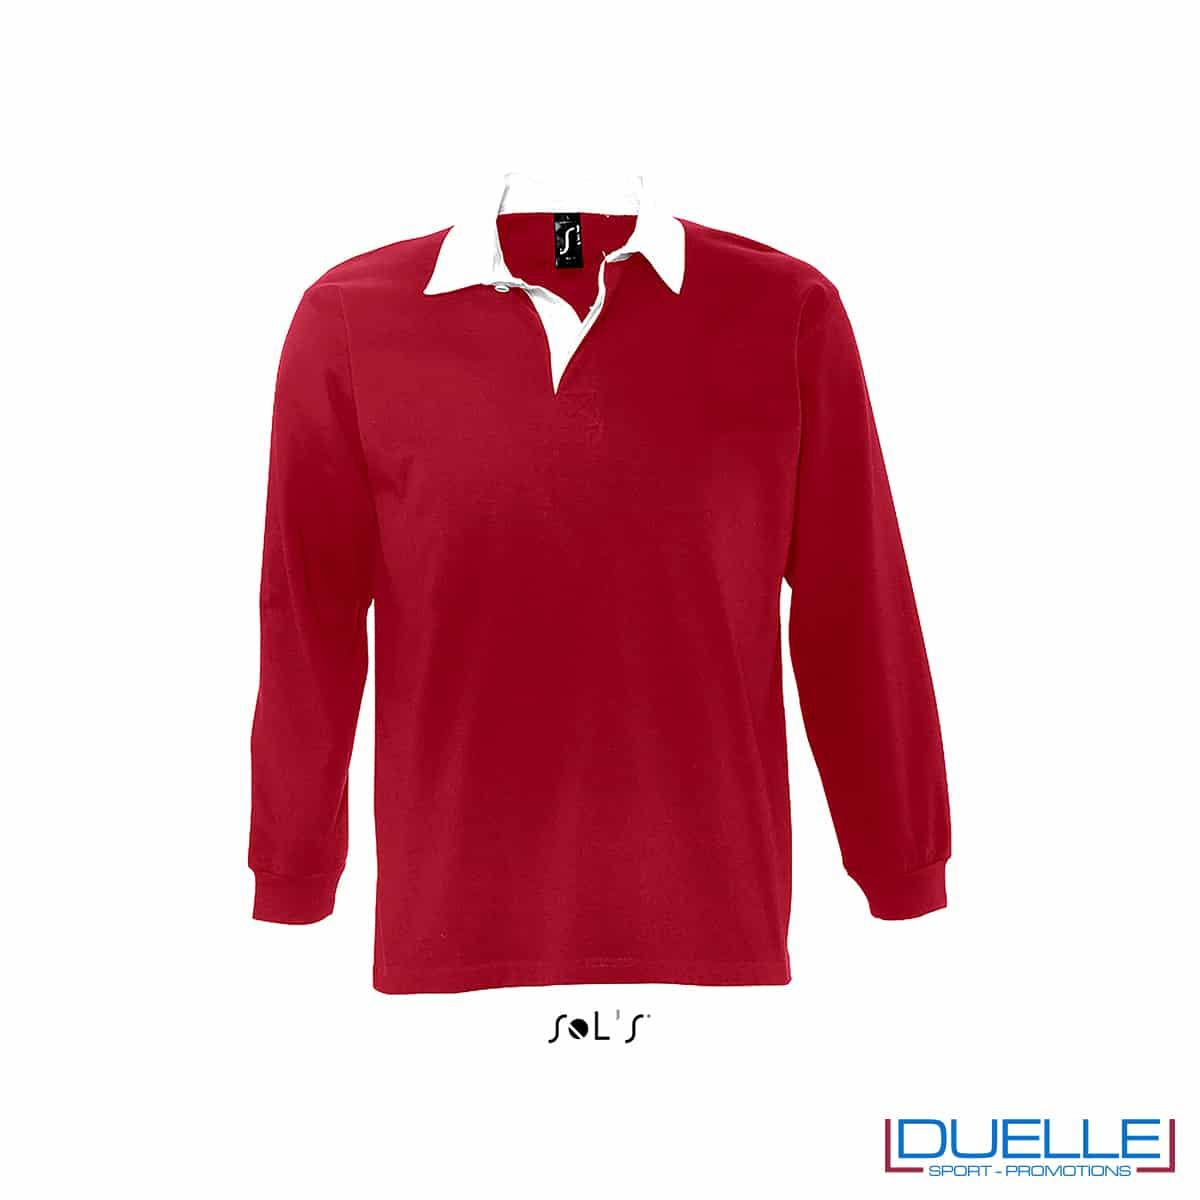 Polo in cotone 280 gr rosso